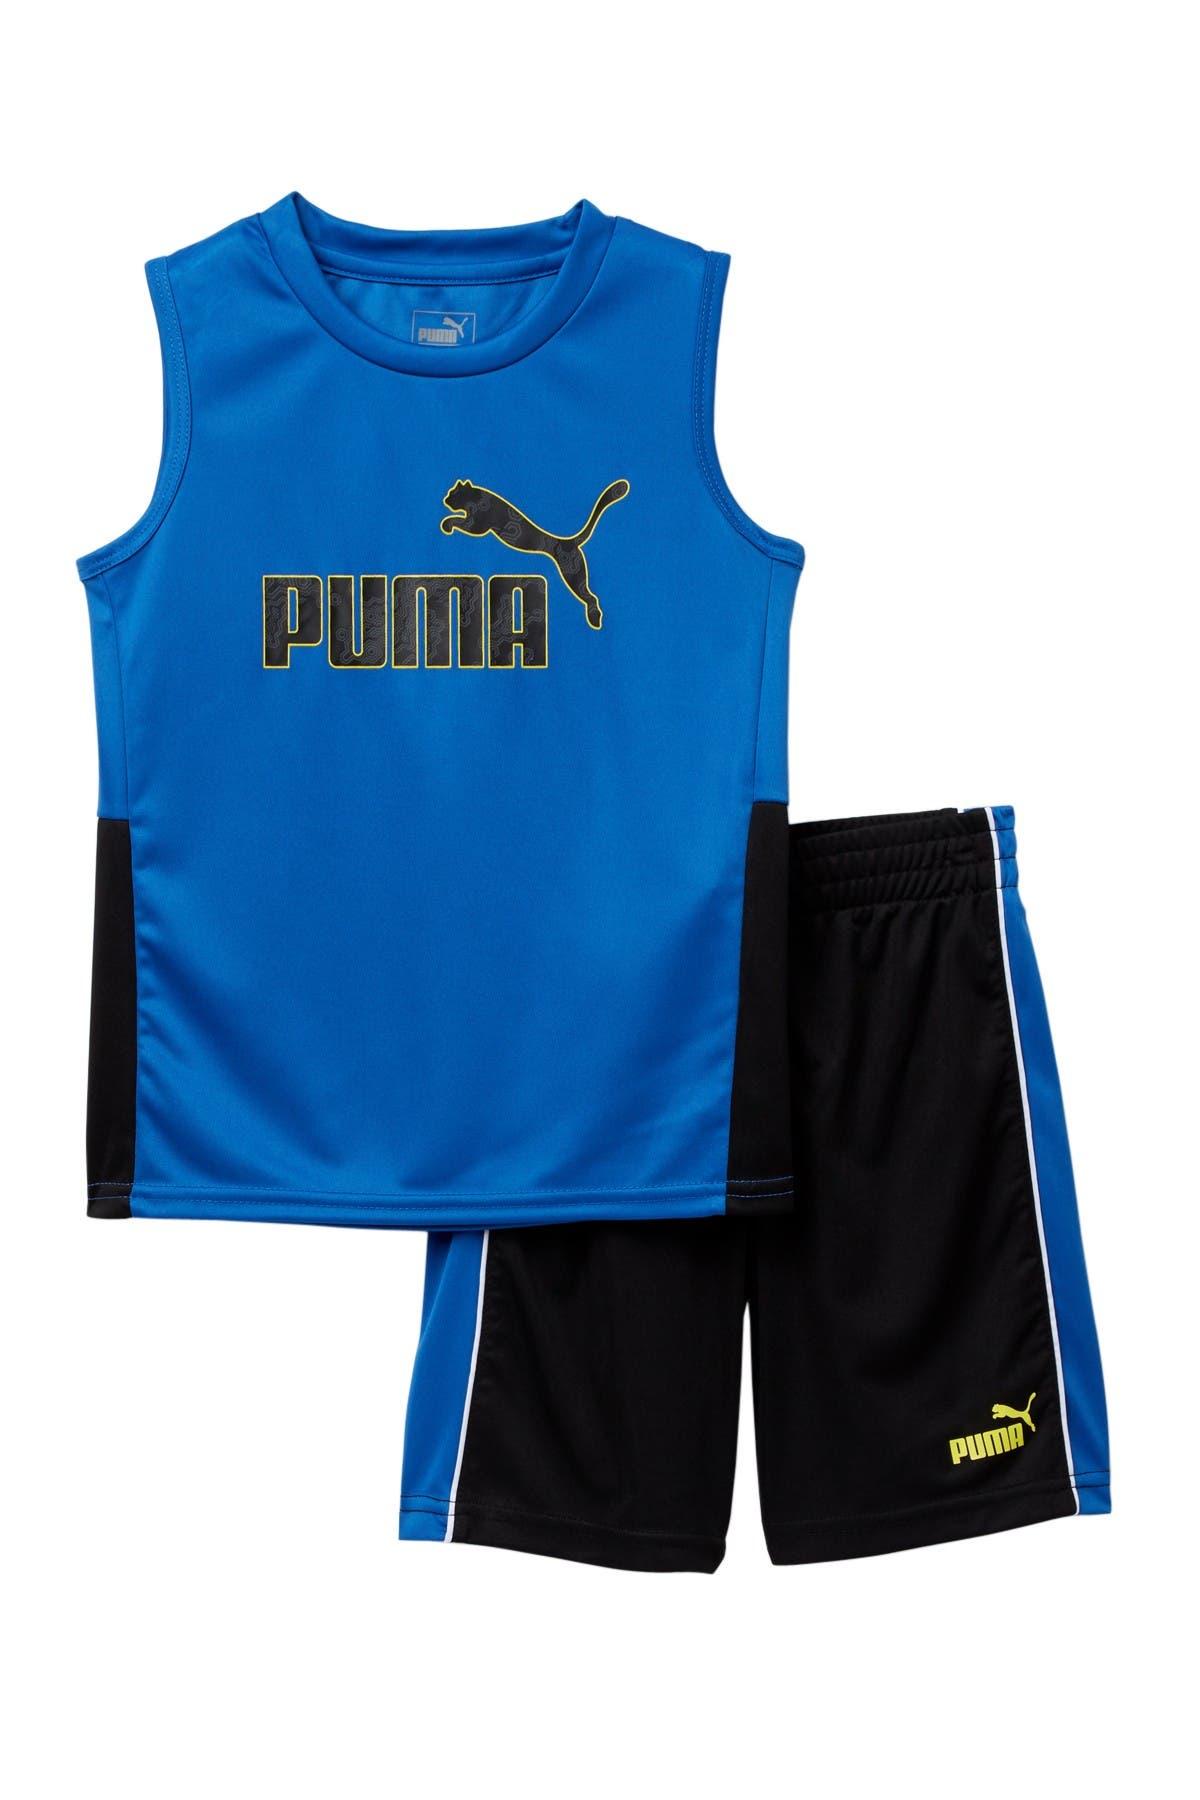 PUMA Tank & Shorts 2-Piece Set